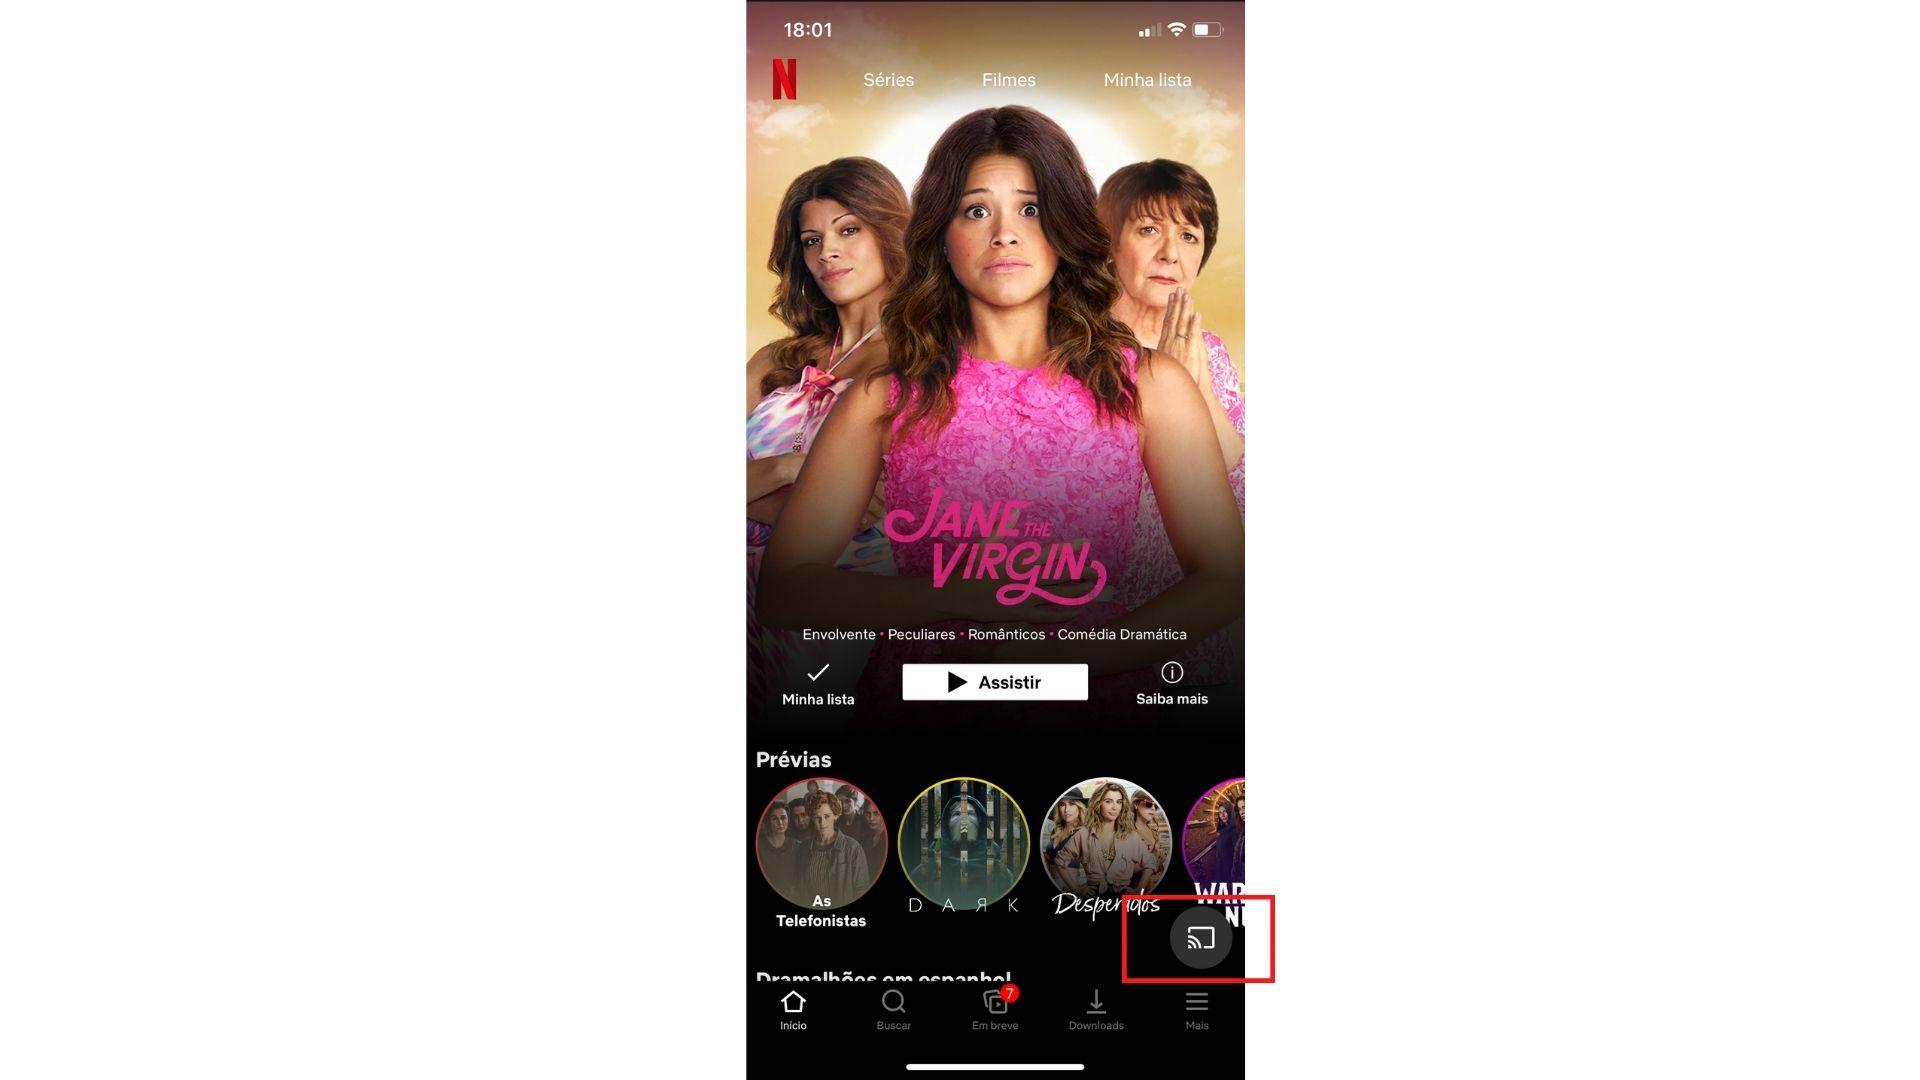 Ícone do espelhamento de tela via chromecast pode ser encontrado na maioria dos apps de streaming. (Imagem: Yulli Dias/Zoom)